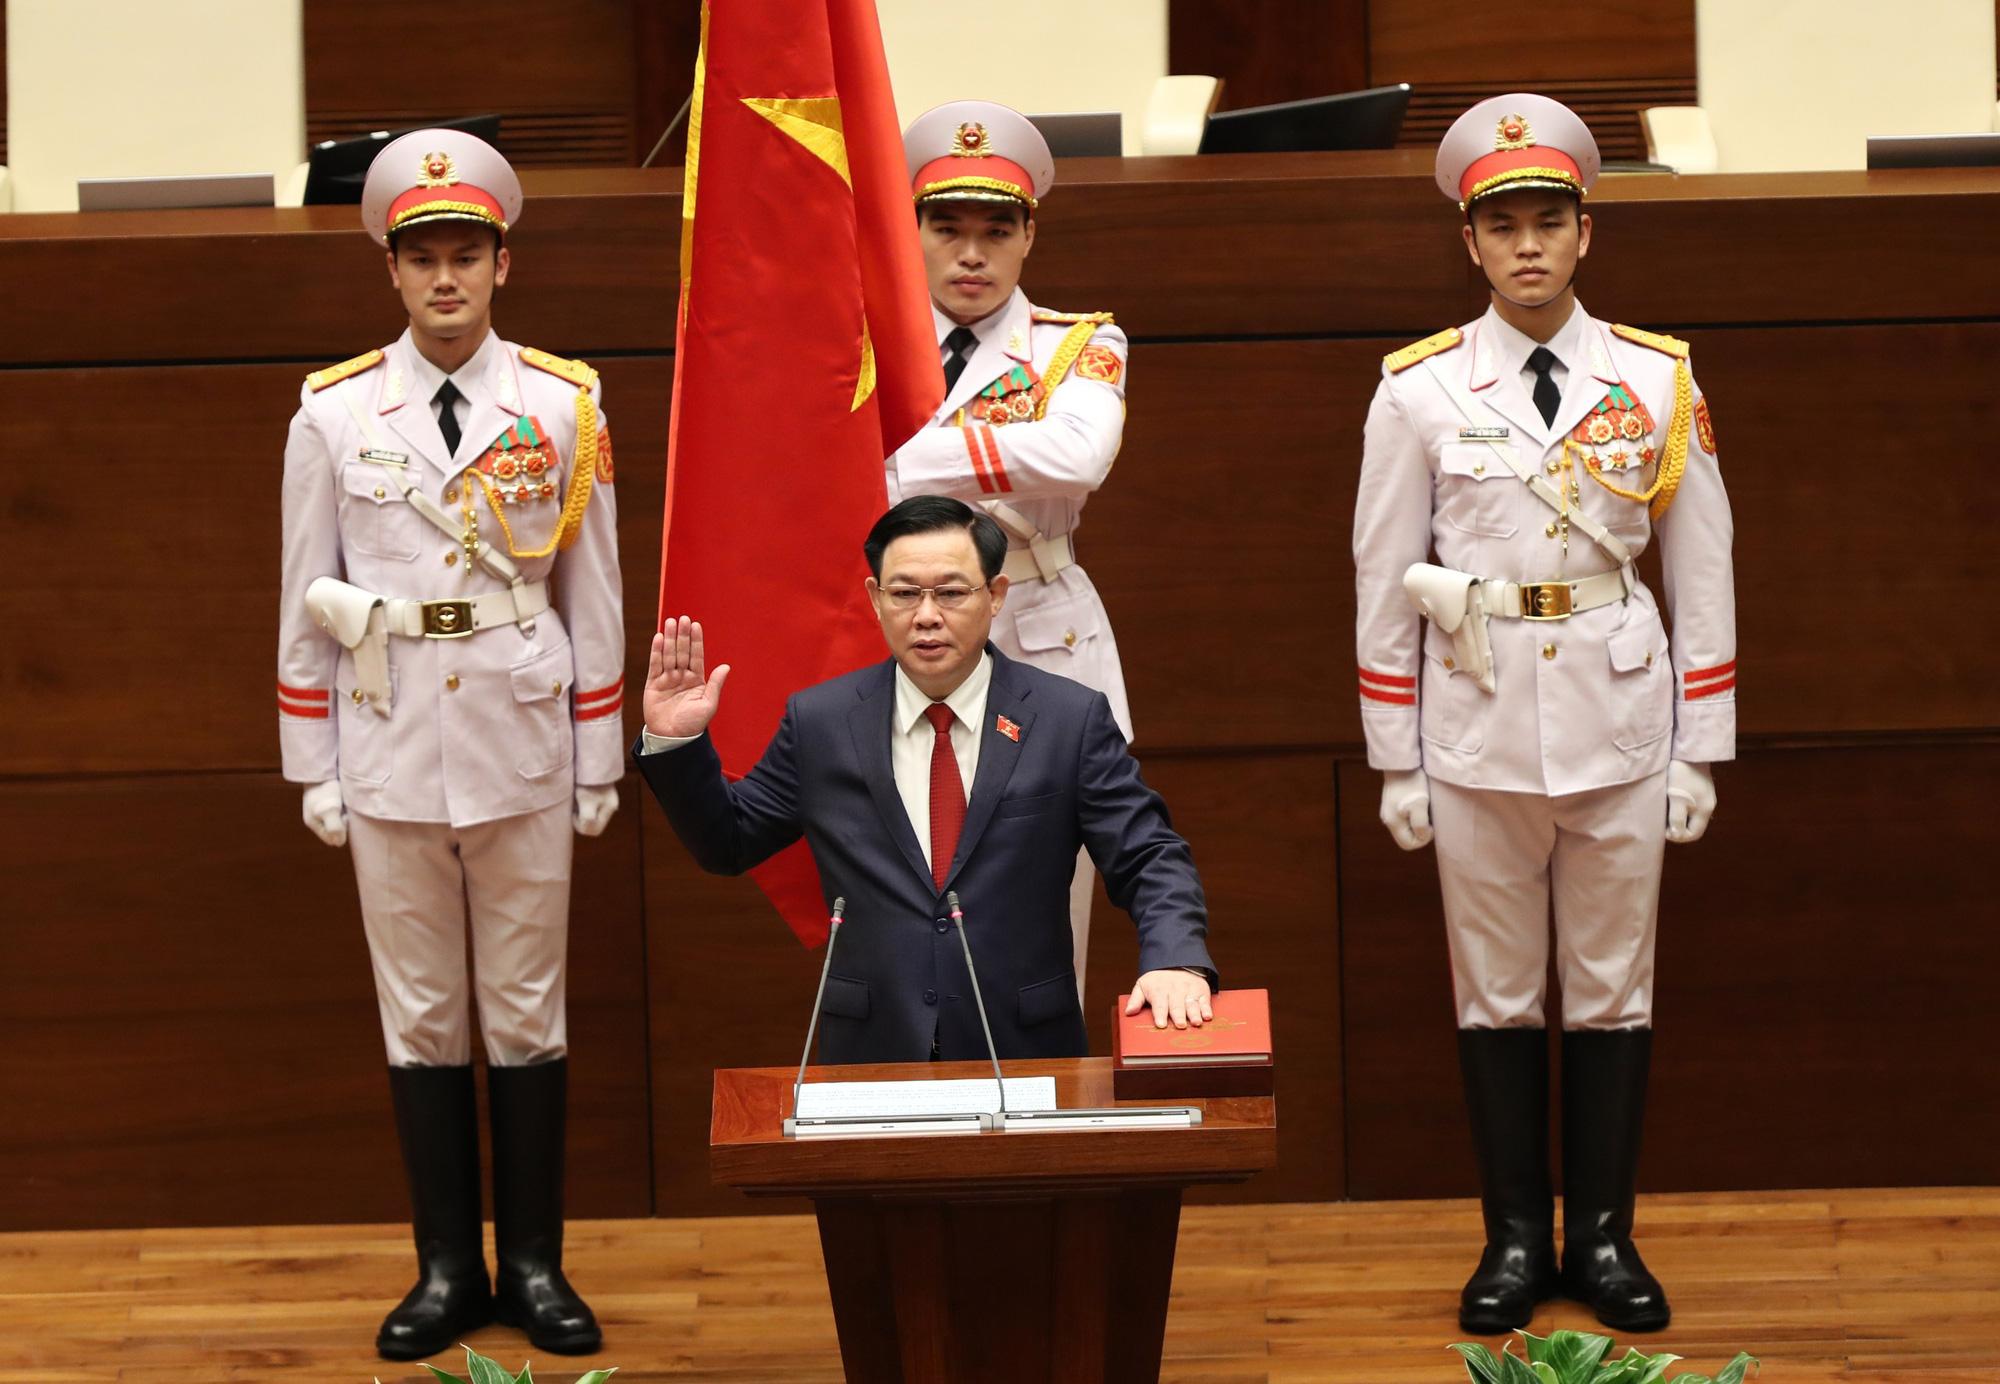 Ảnh: Tân Chủ tịch Quốc hội Vương Đình Huệ tuyên thệ nhậm chức, điều hành phiên họp - Ảnh 3.